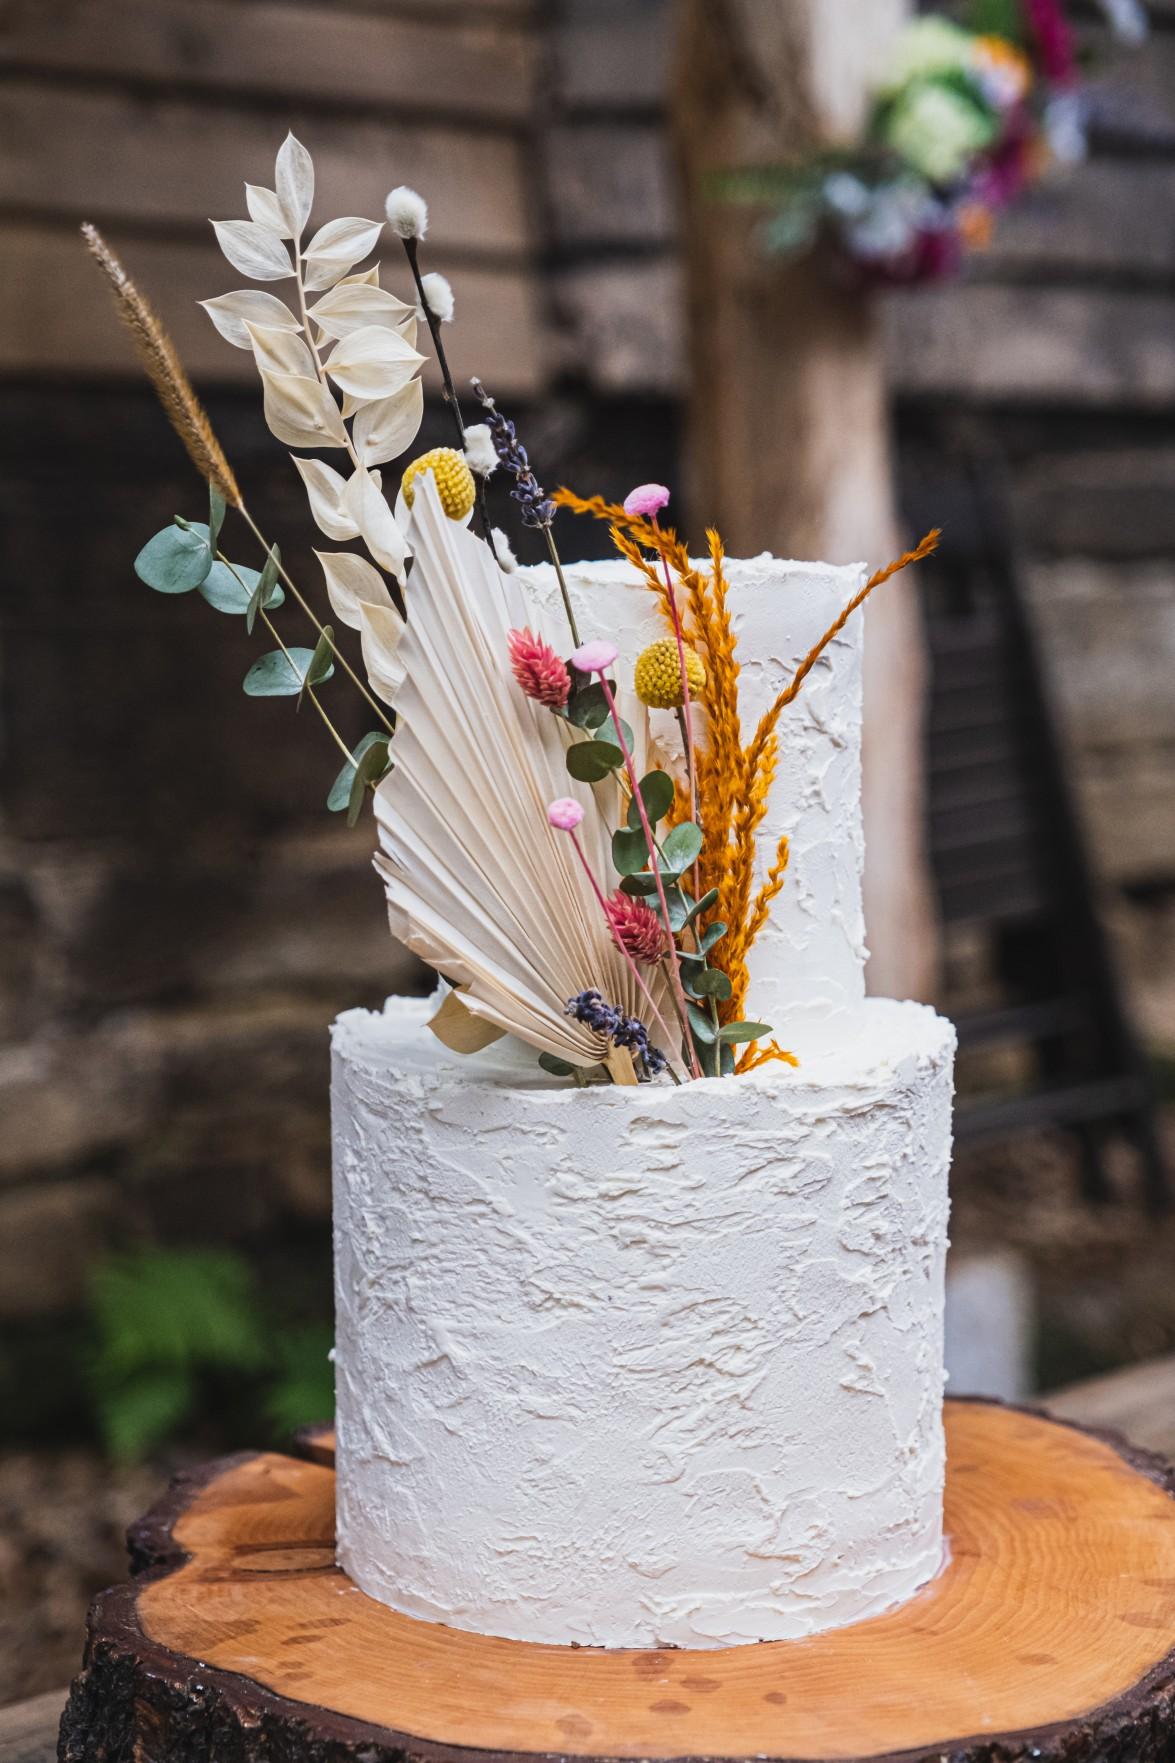 colourful micro wedding at patricks barn - quirky wedding cake - unusual wedding cake - small wedding cake